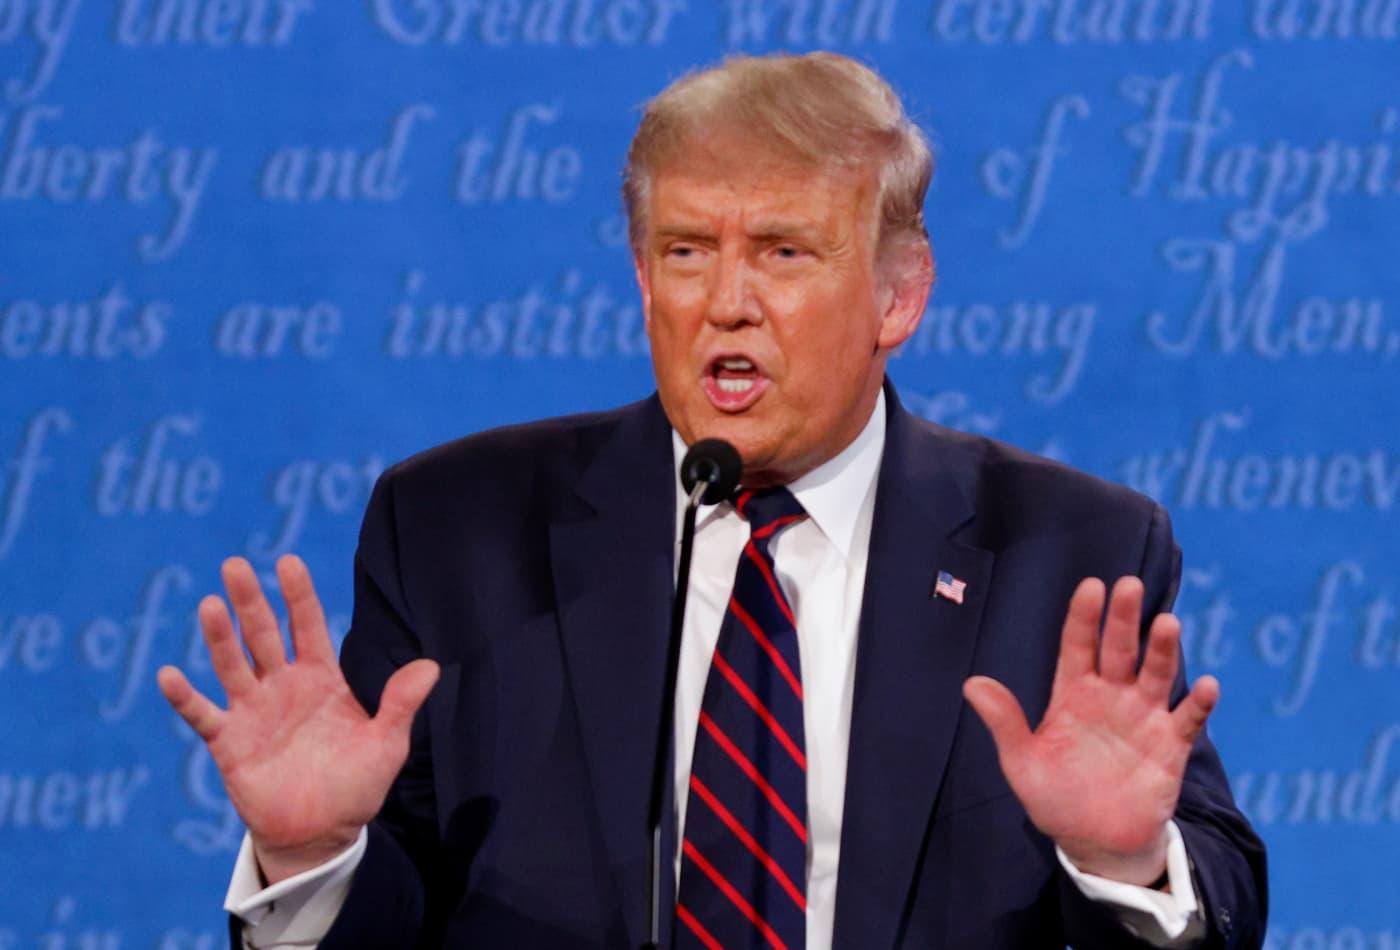 Trump says he will take coronavirus test before next debate with Joe Biden